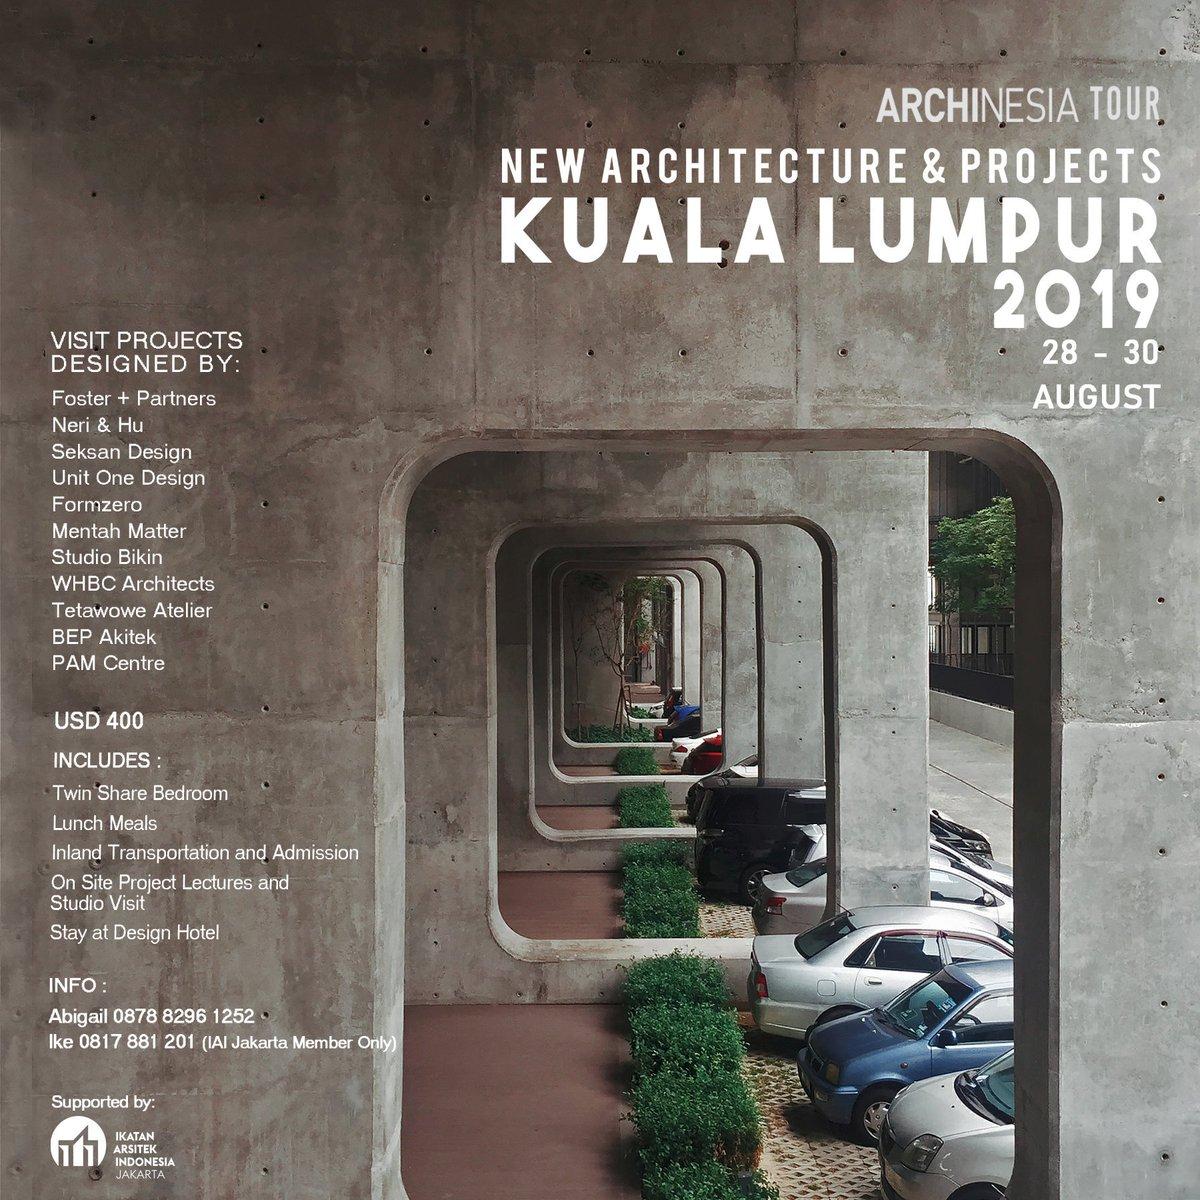 IndonesiaSATU (@ArsitekMenulis) on Twitter photo 16/08/2019 12:43:24